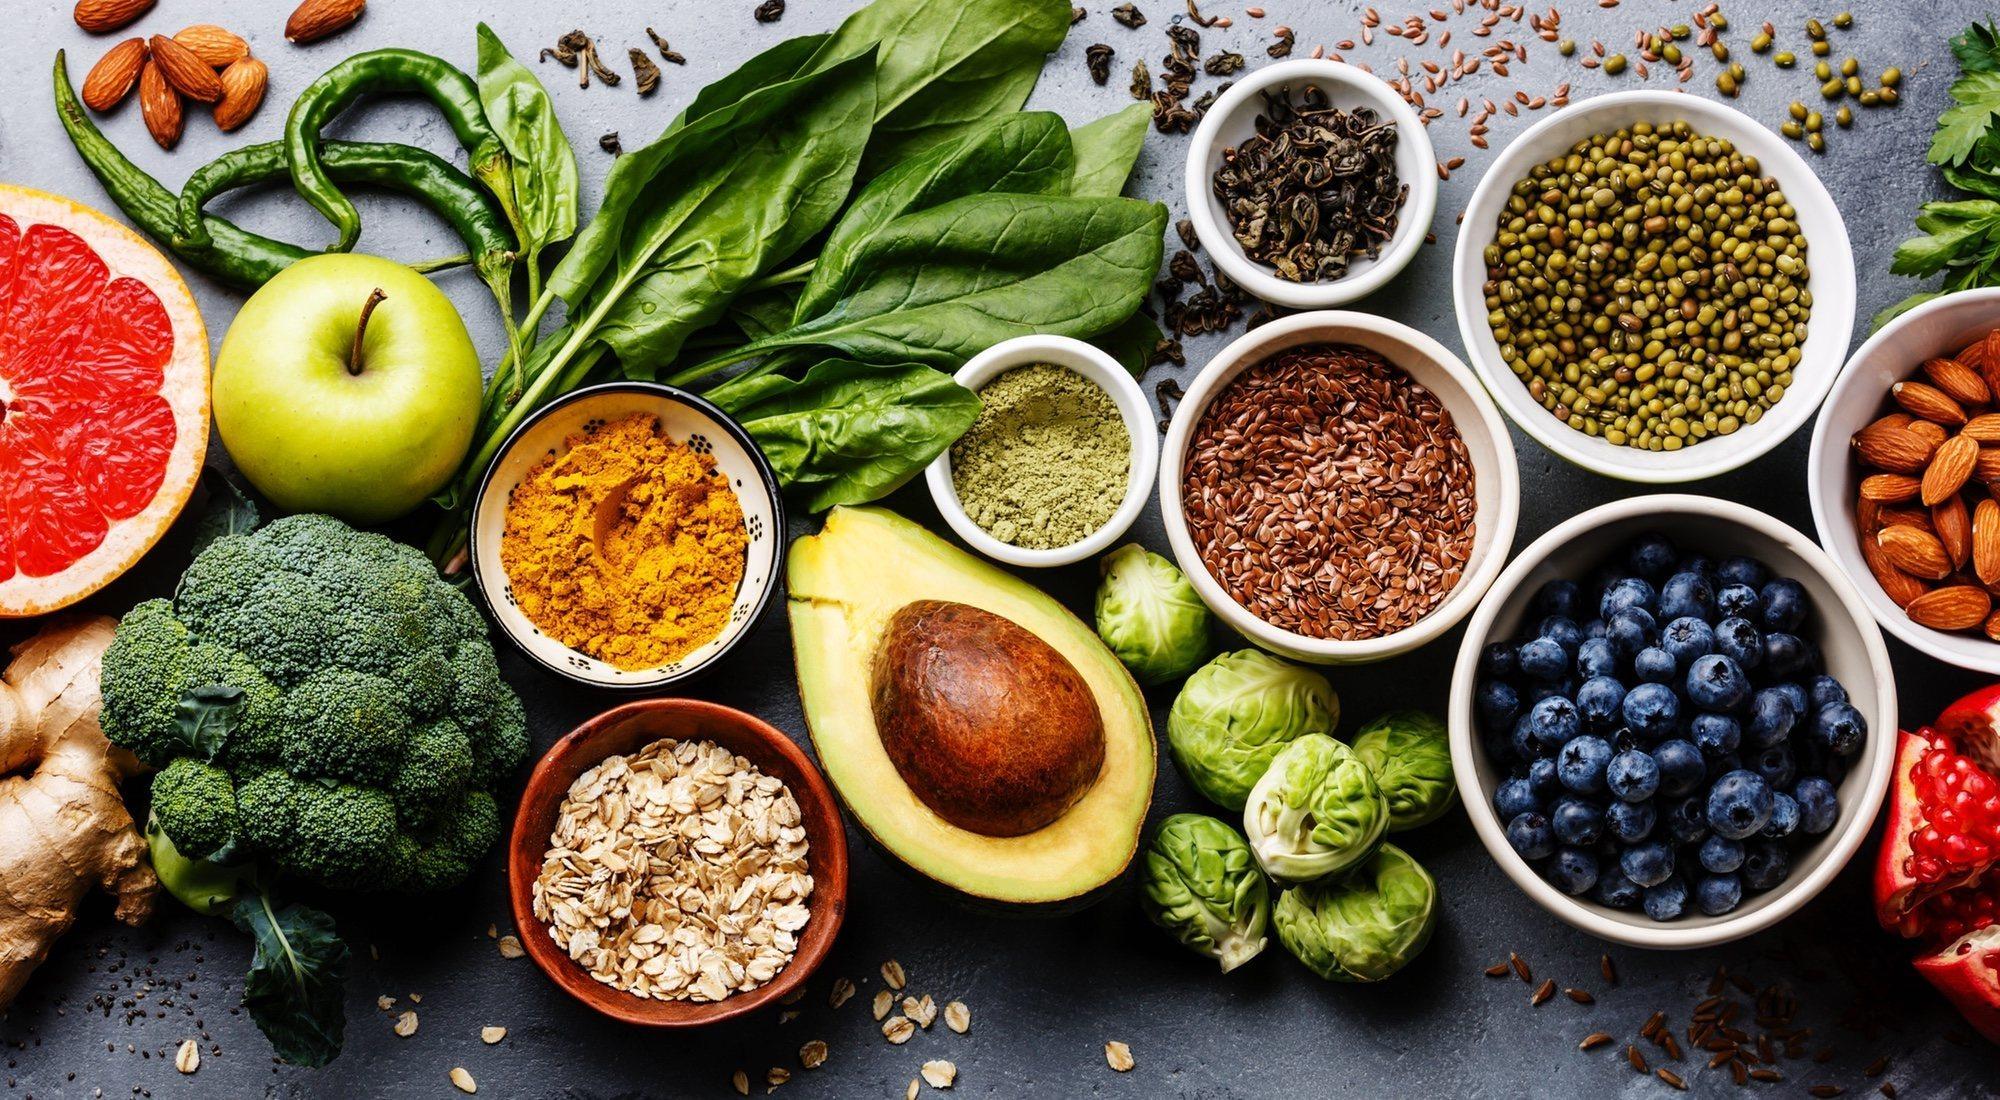 C mo cocinar comida sana y f cil consejos para hacerlo for Comidas faciles de cocinar